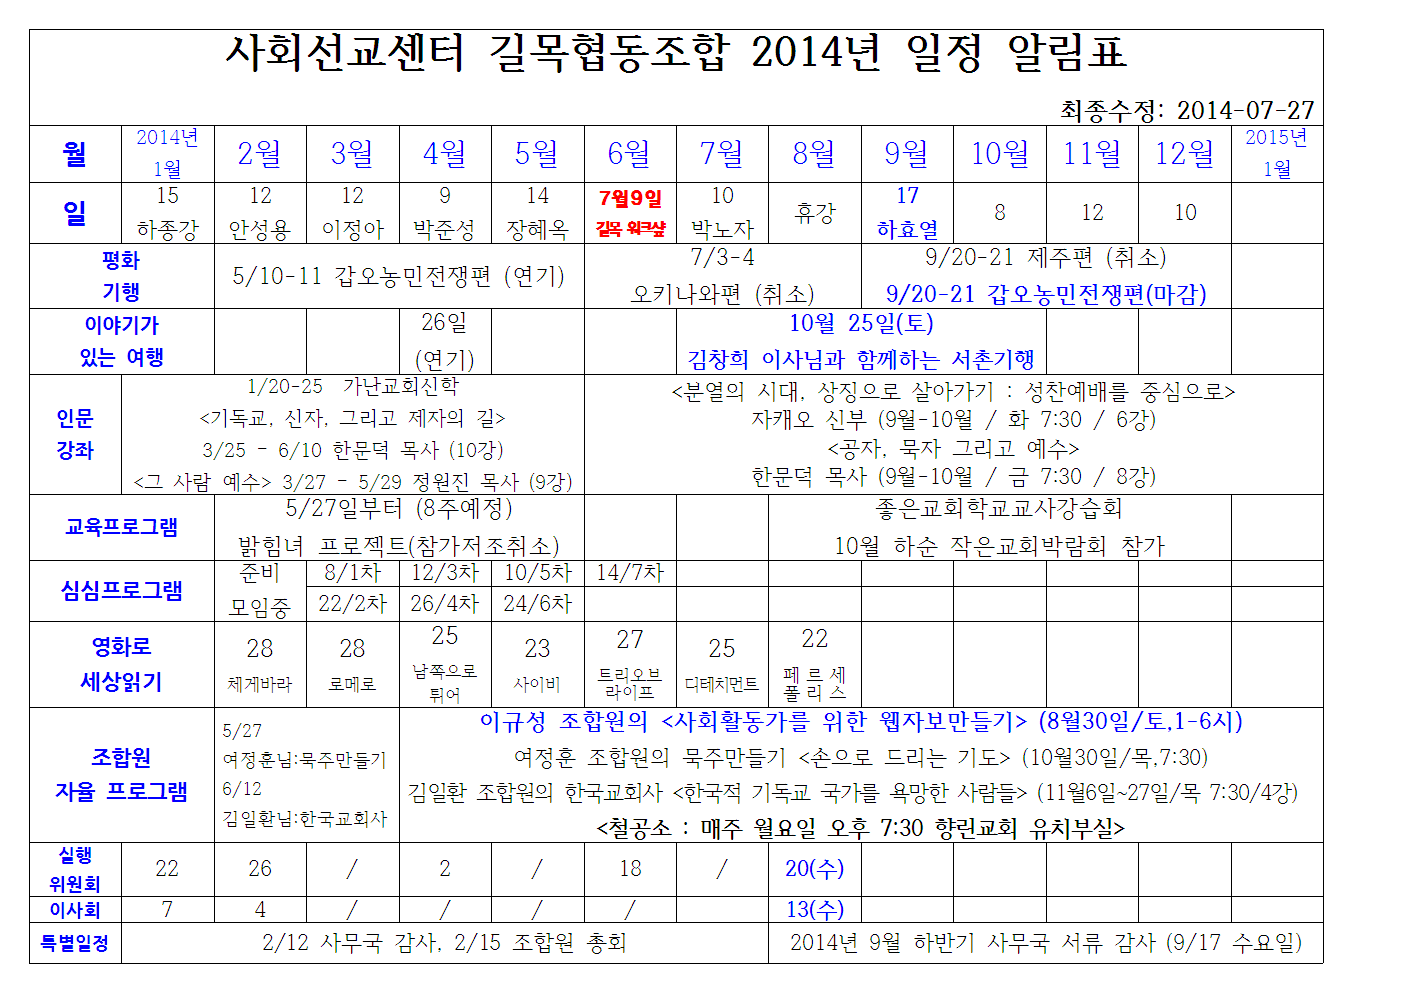 길목 2014년 일정표2014-07-27 업데이트001.png